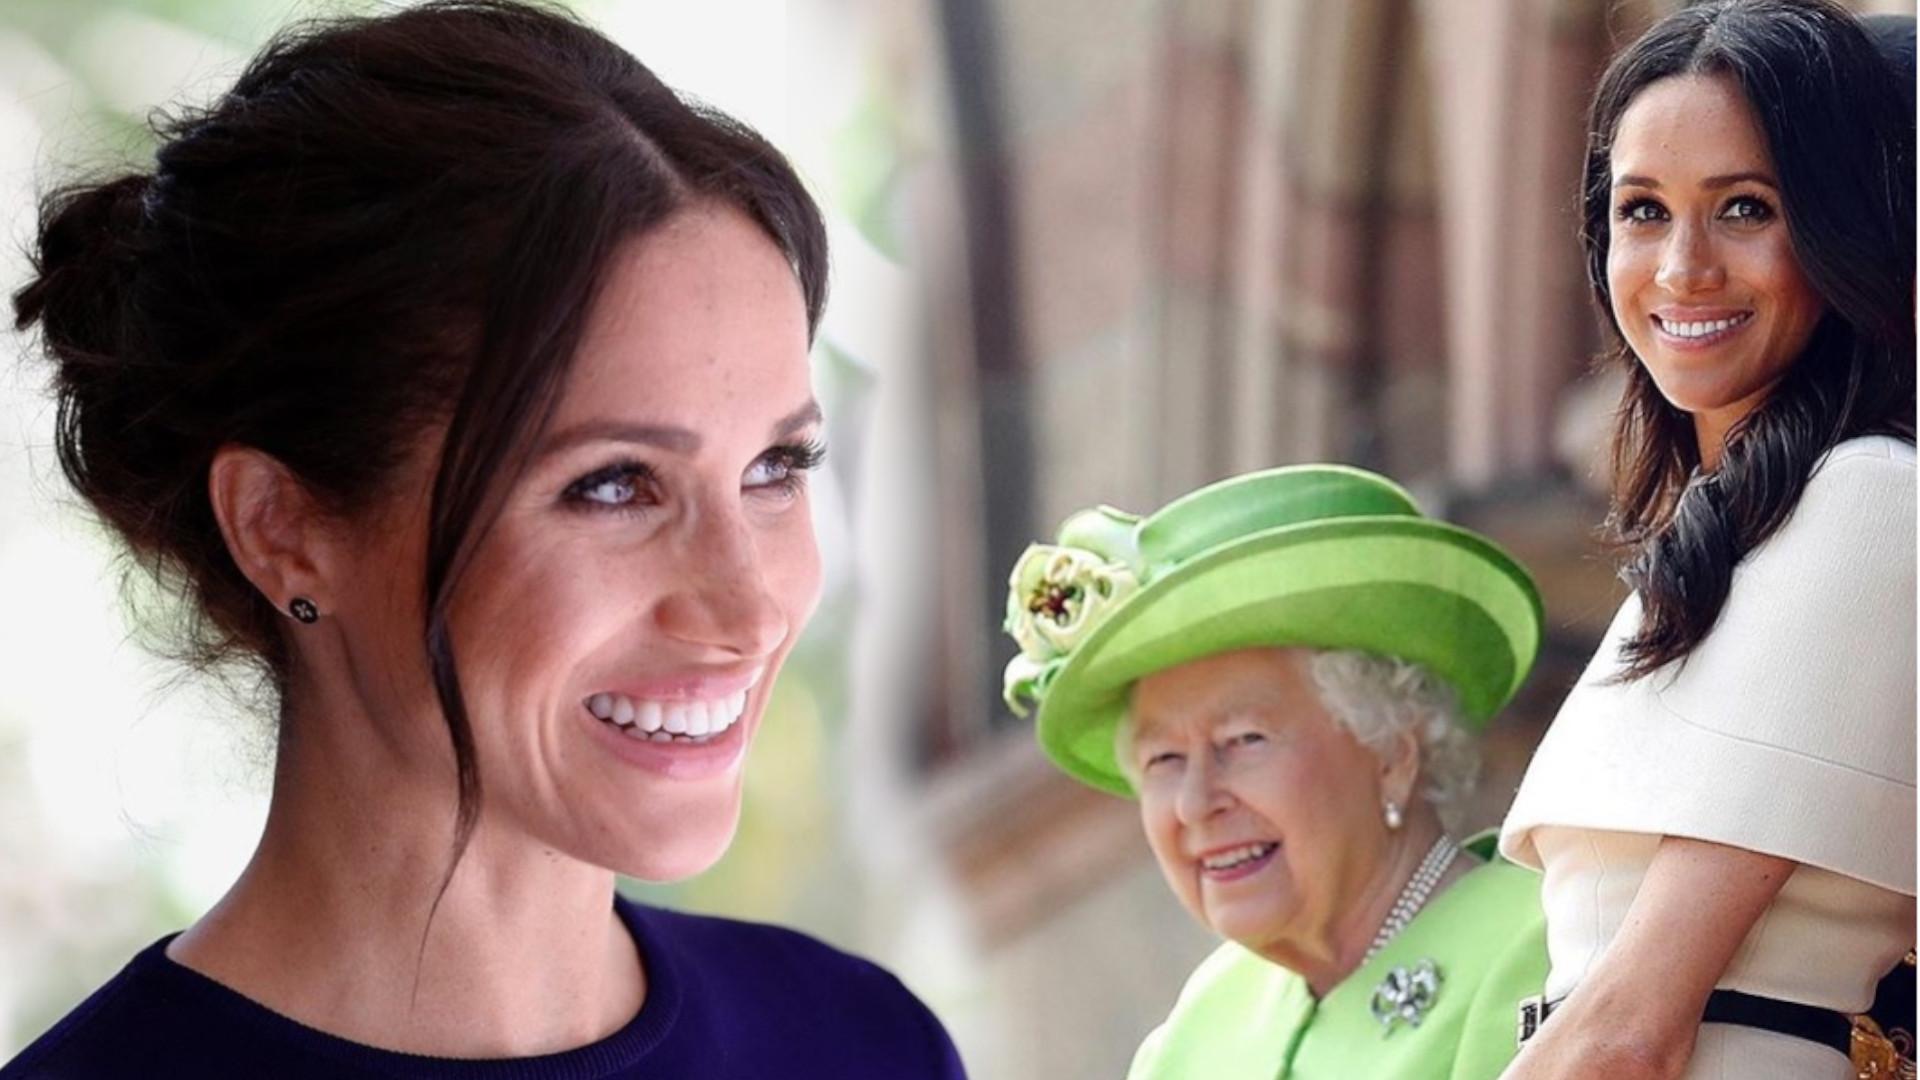 Rodzina Królewska zaskoczyła samą Meghan Markle w jej urodziny. Zobaczcie co zrobili na Instagramie